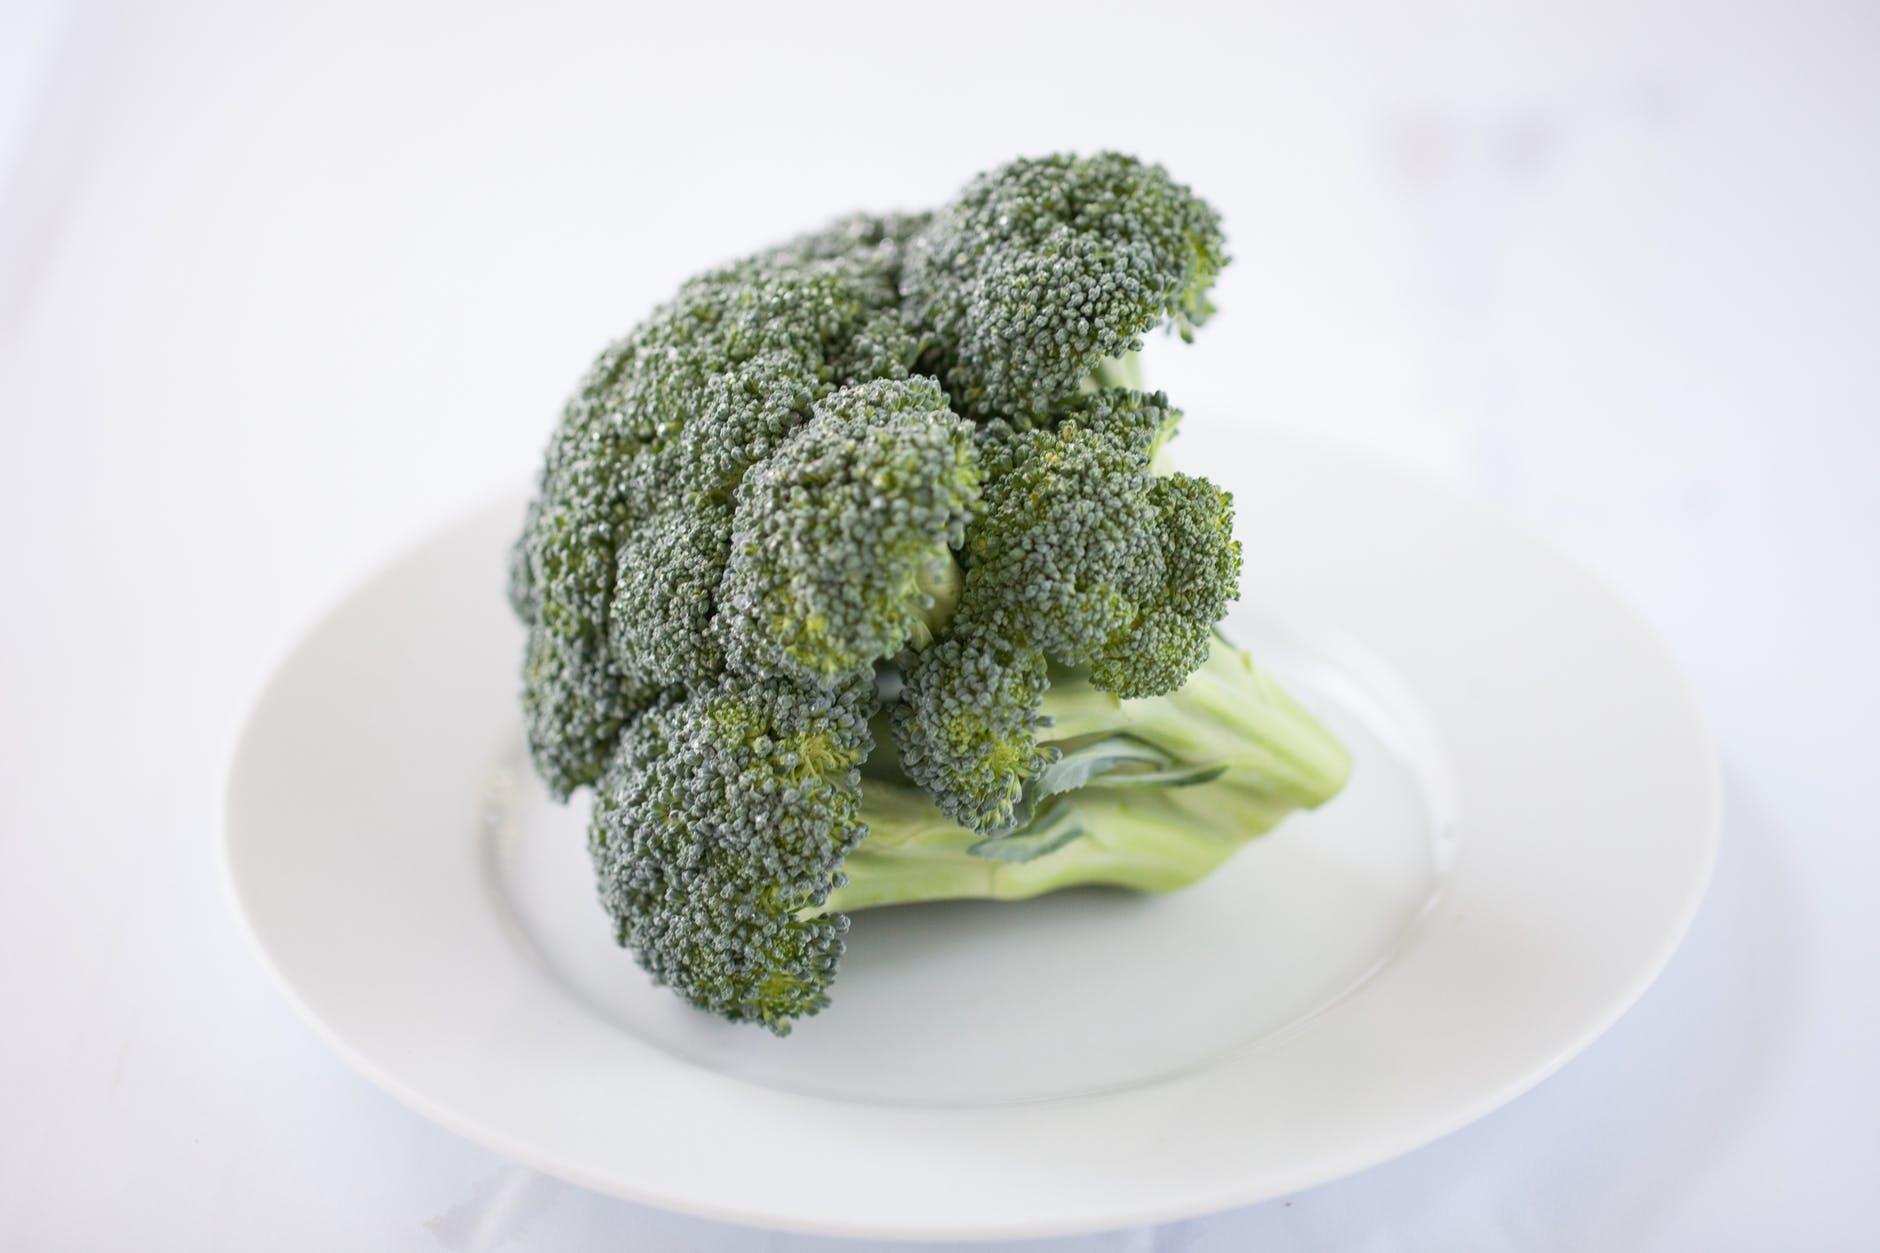 Brocoli-valori nutriționale